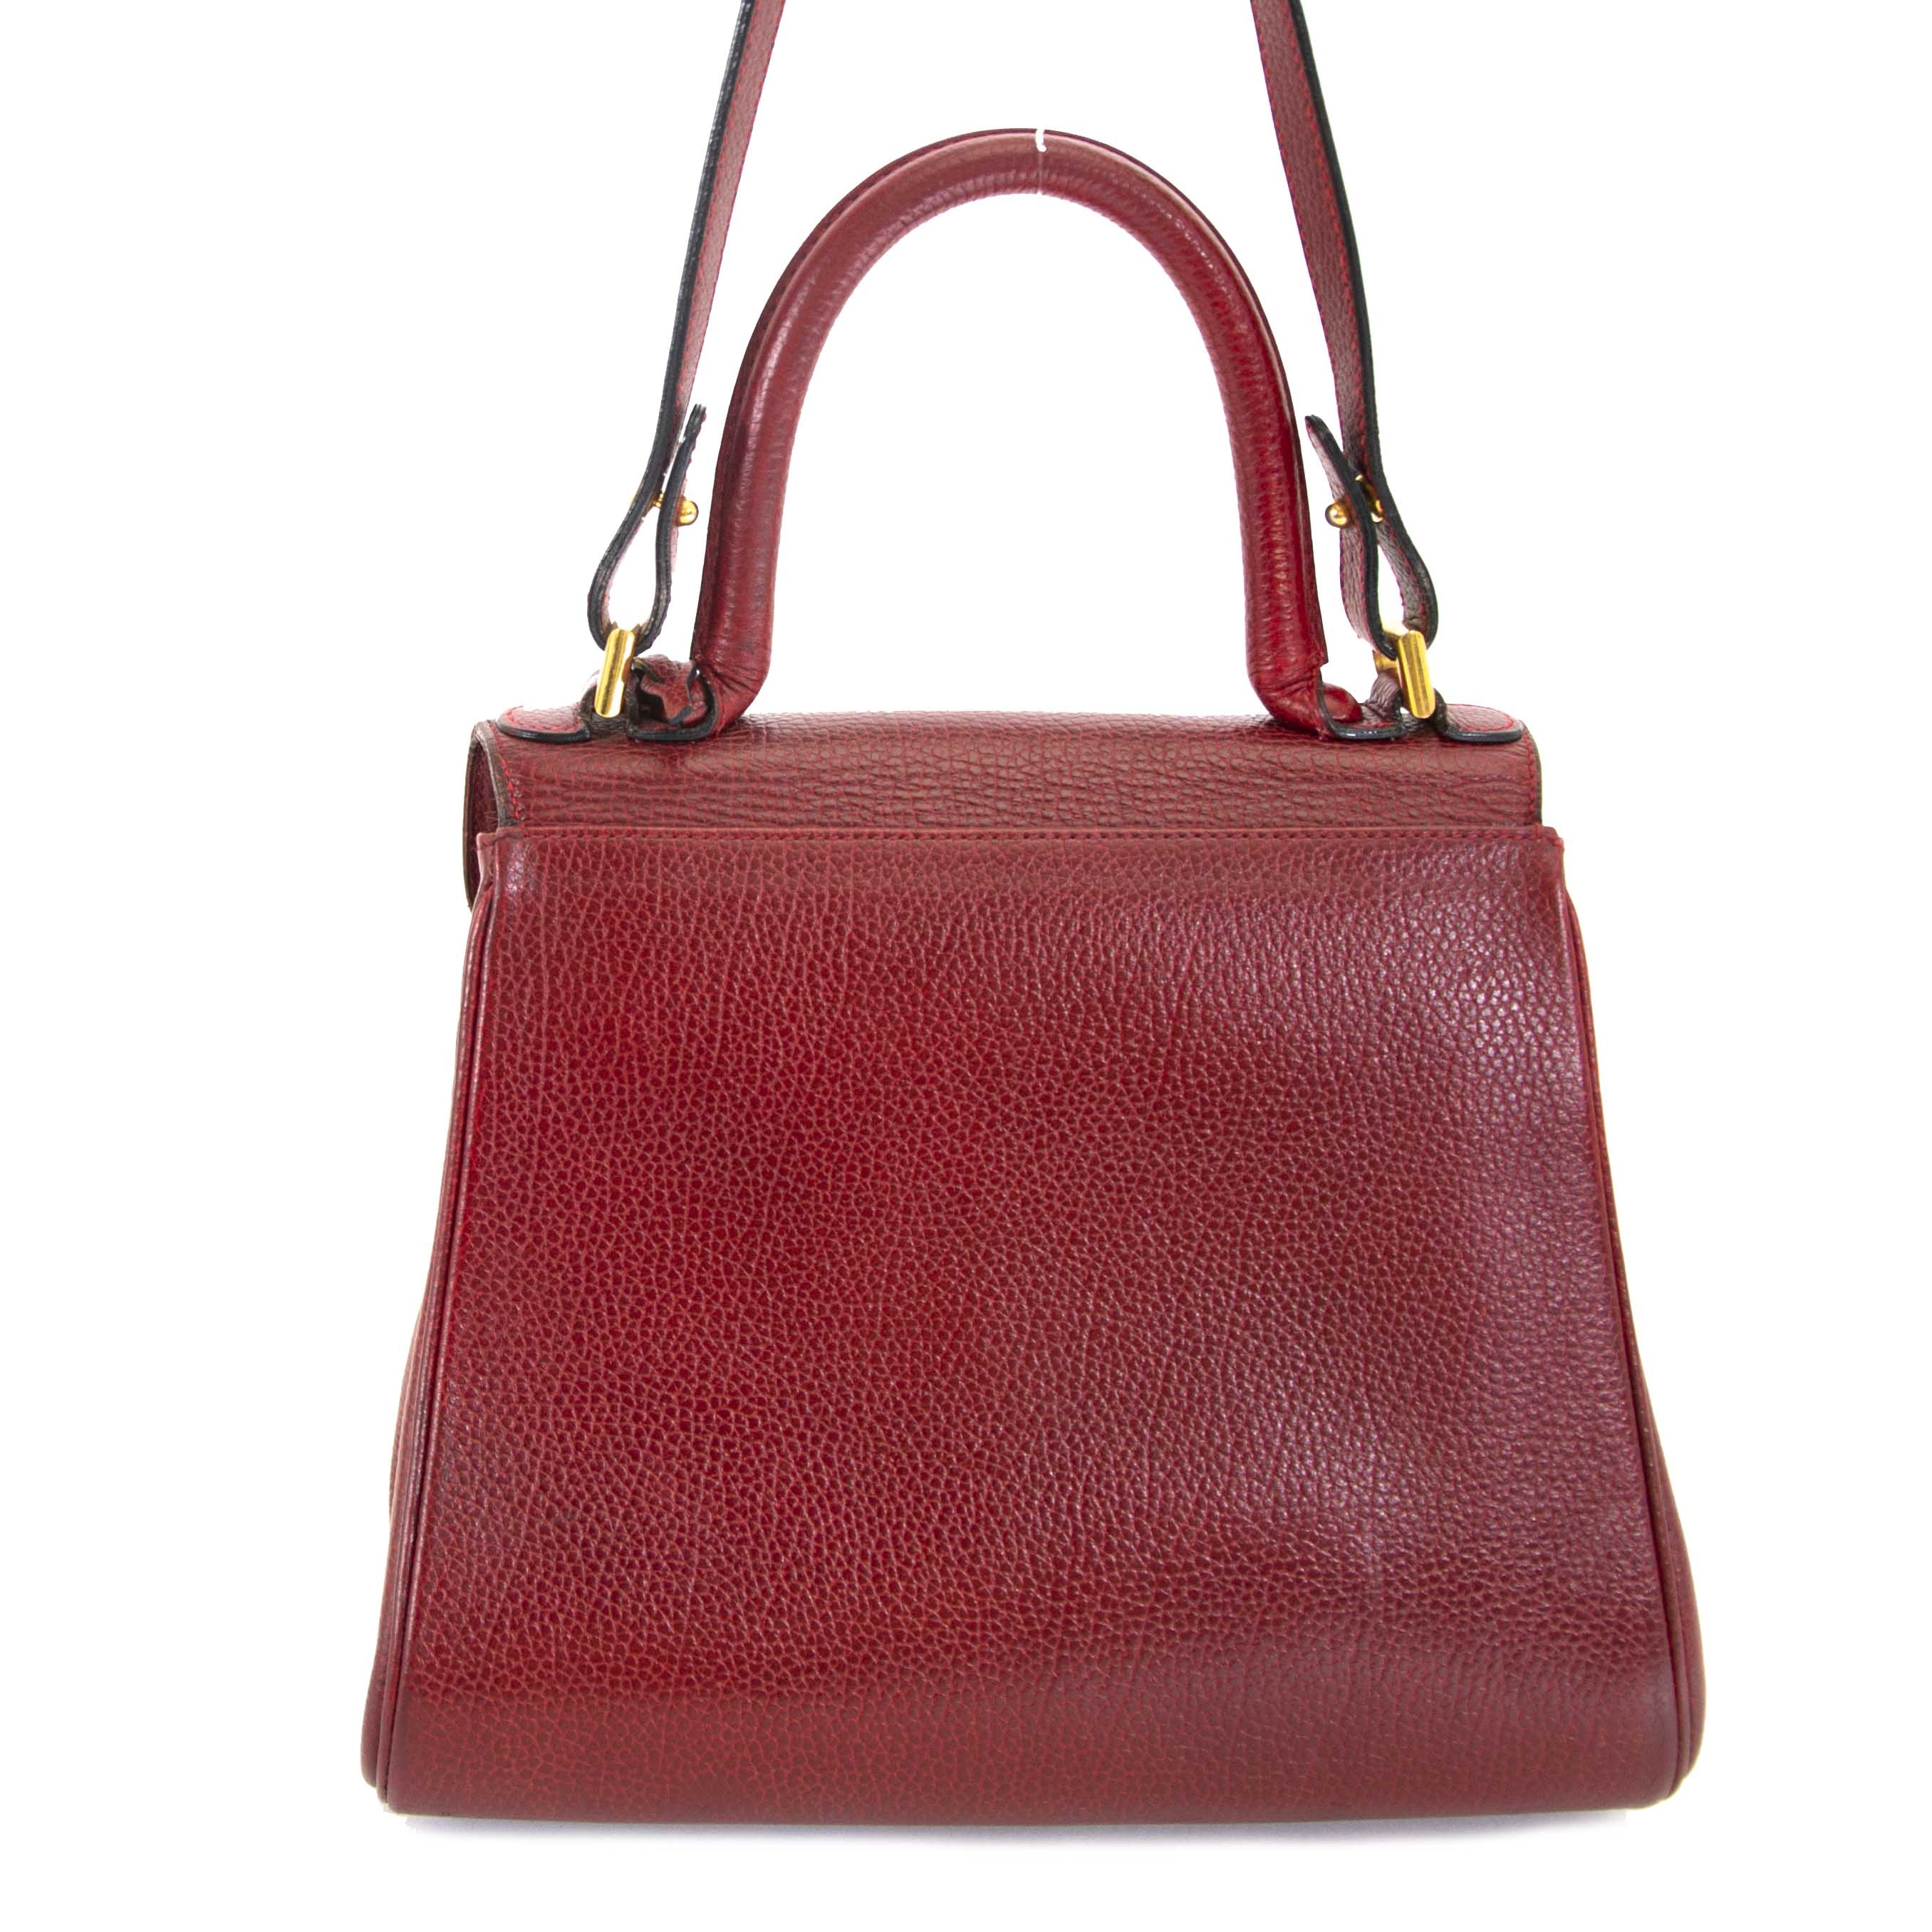 41b35cb20c Labellov Buy safe Delvaux designer vintage online. Vind tweedehands ...